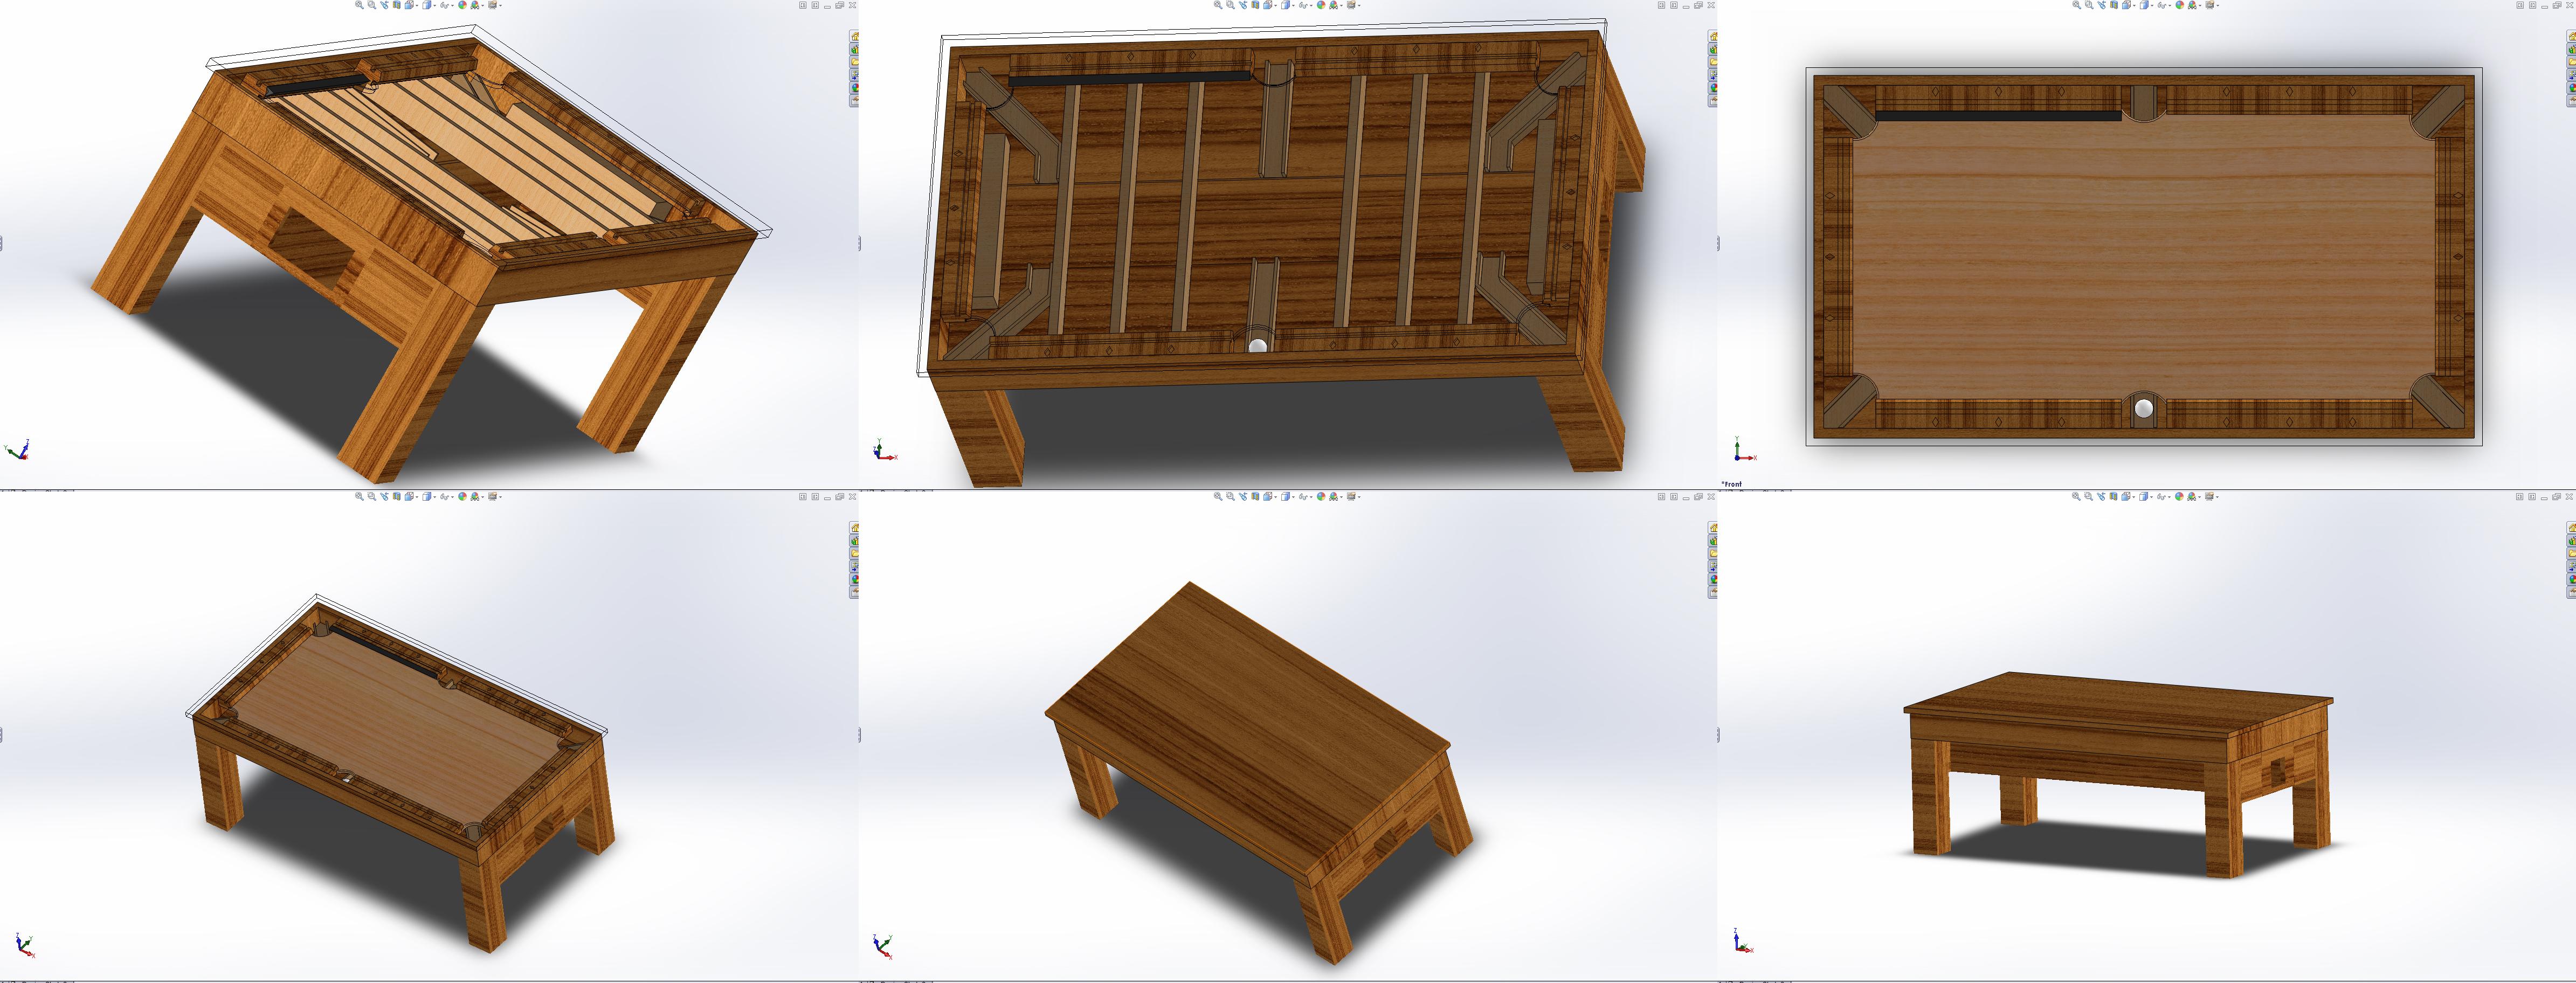 quel bois utiliser pour un billard forum d coration mobilier syst me d. Black Bedroom Furniture Sets. Home Design Ideas